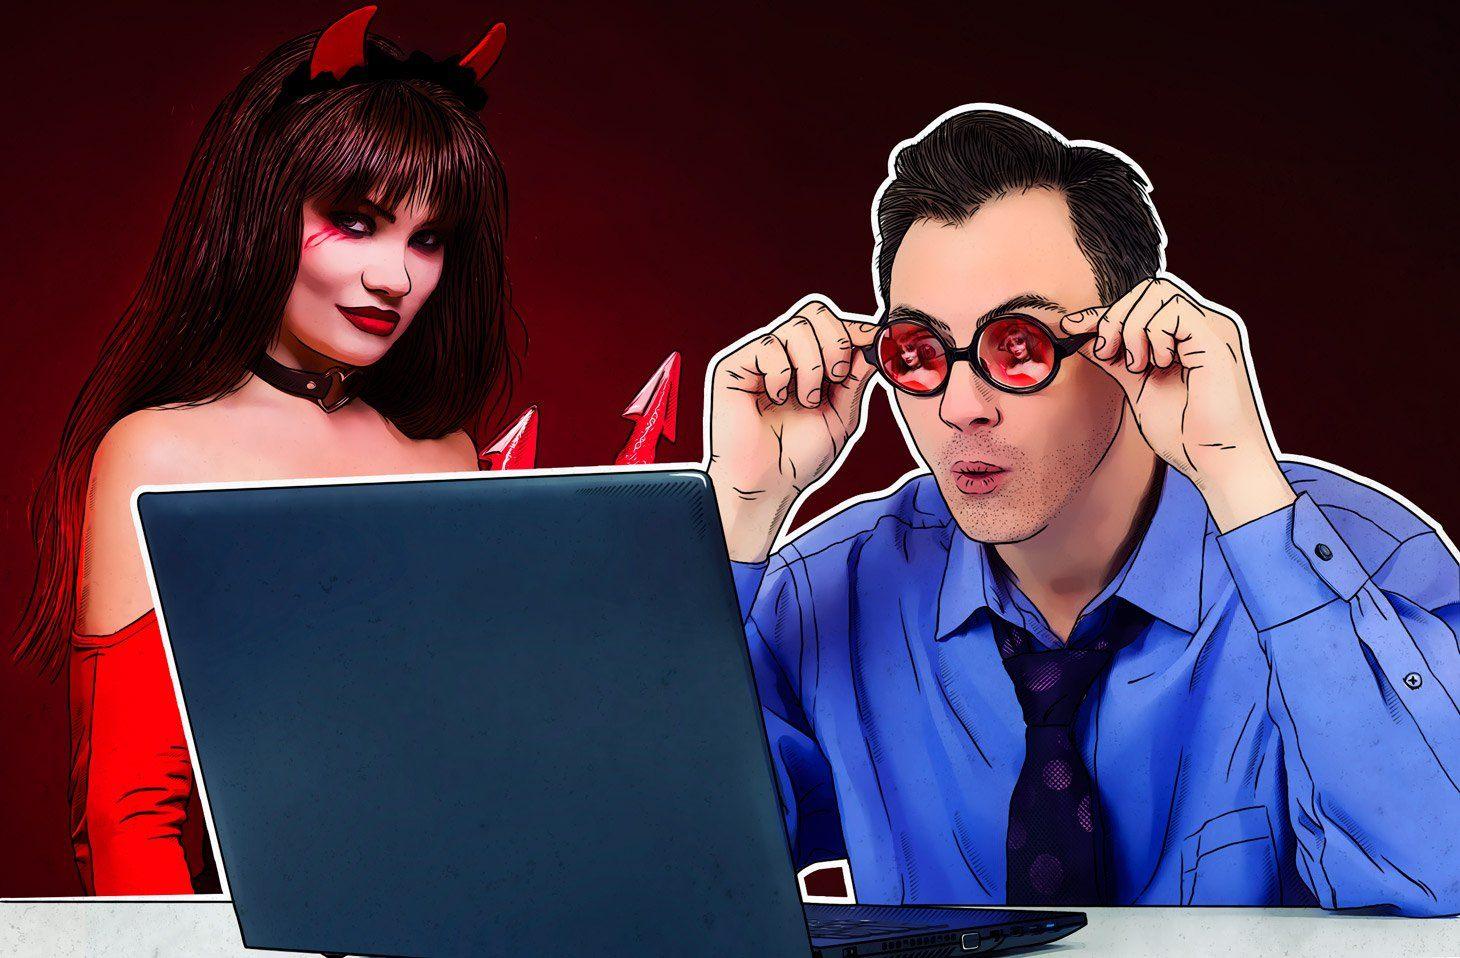 Nuestros Videos Caseros Pornos todos los sitios porno están infectados de malware. ¿verdad